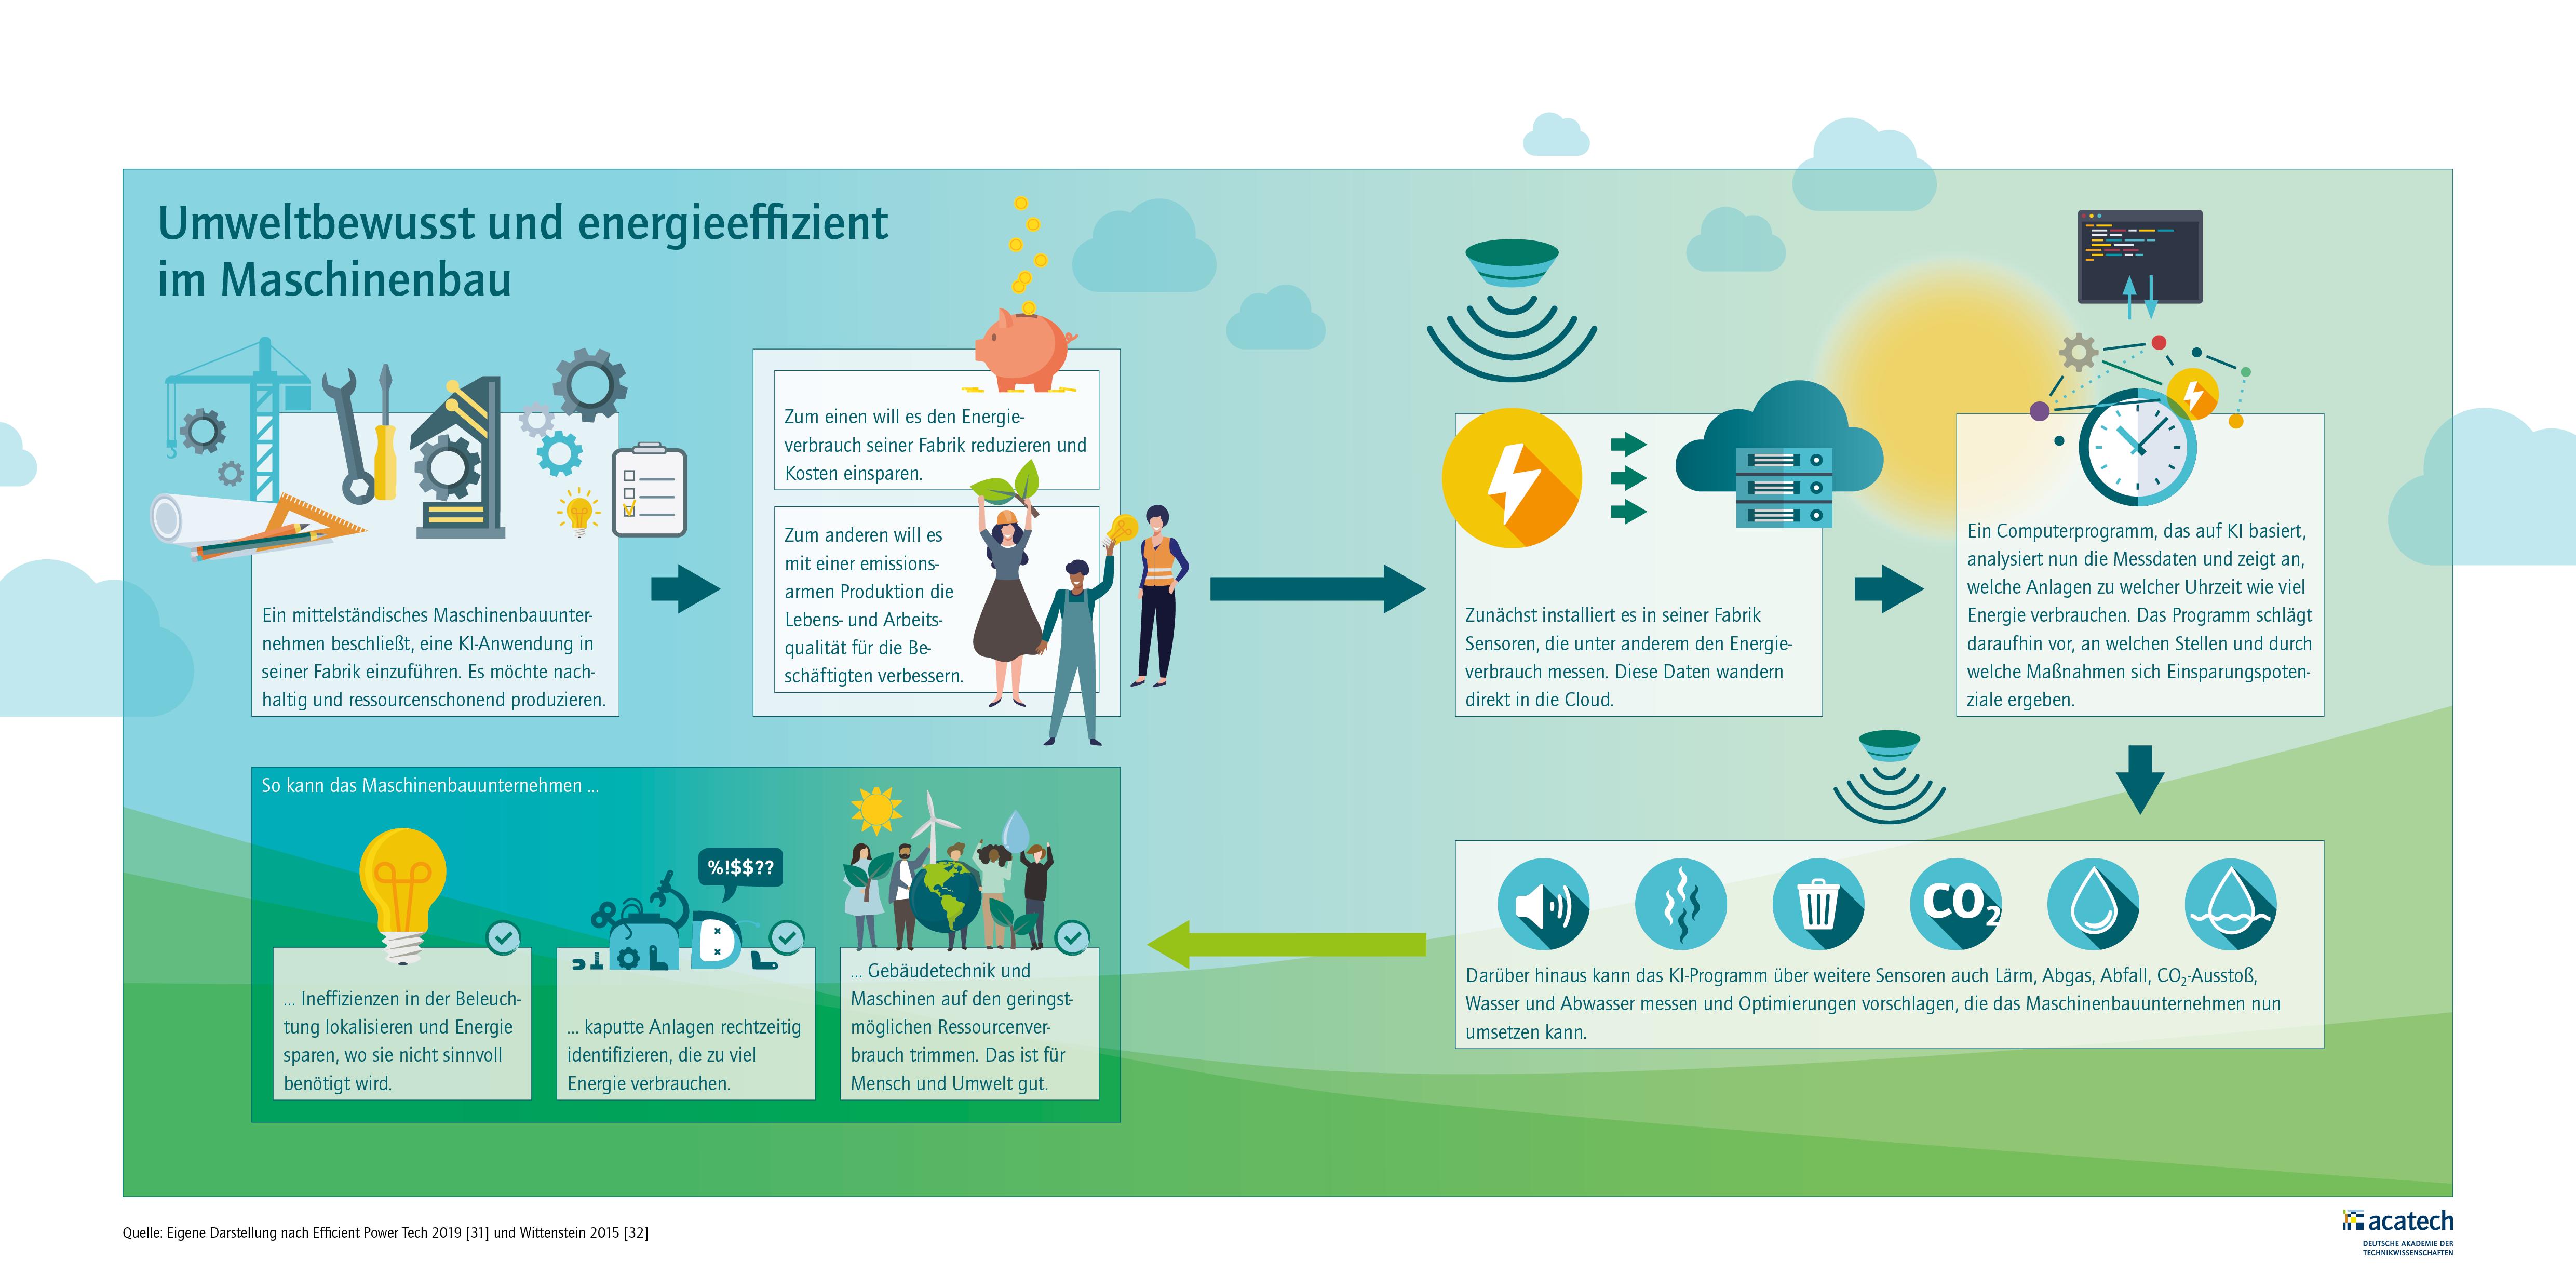 Grafik zu umweltbewussten und energieeffizienten KI Lösungen im Maschinenbau